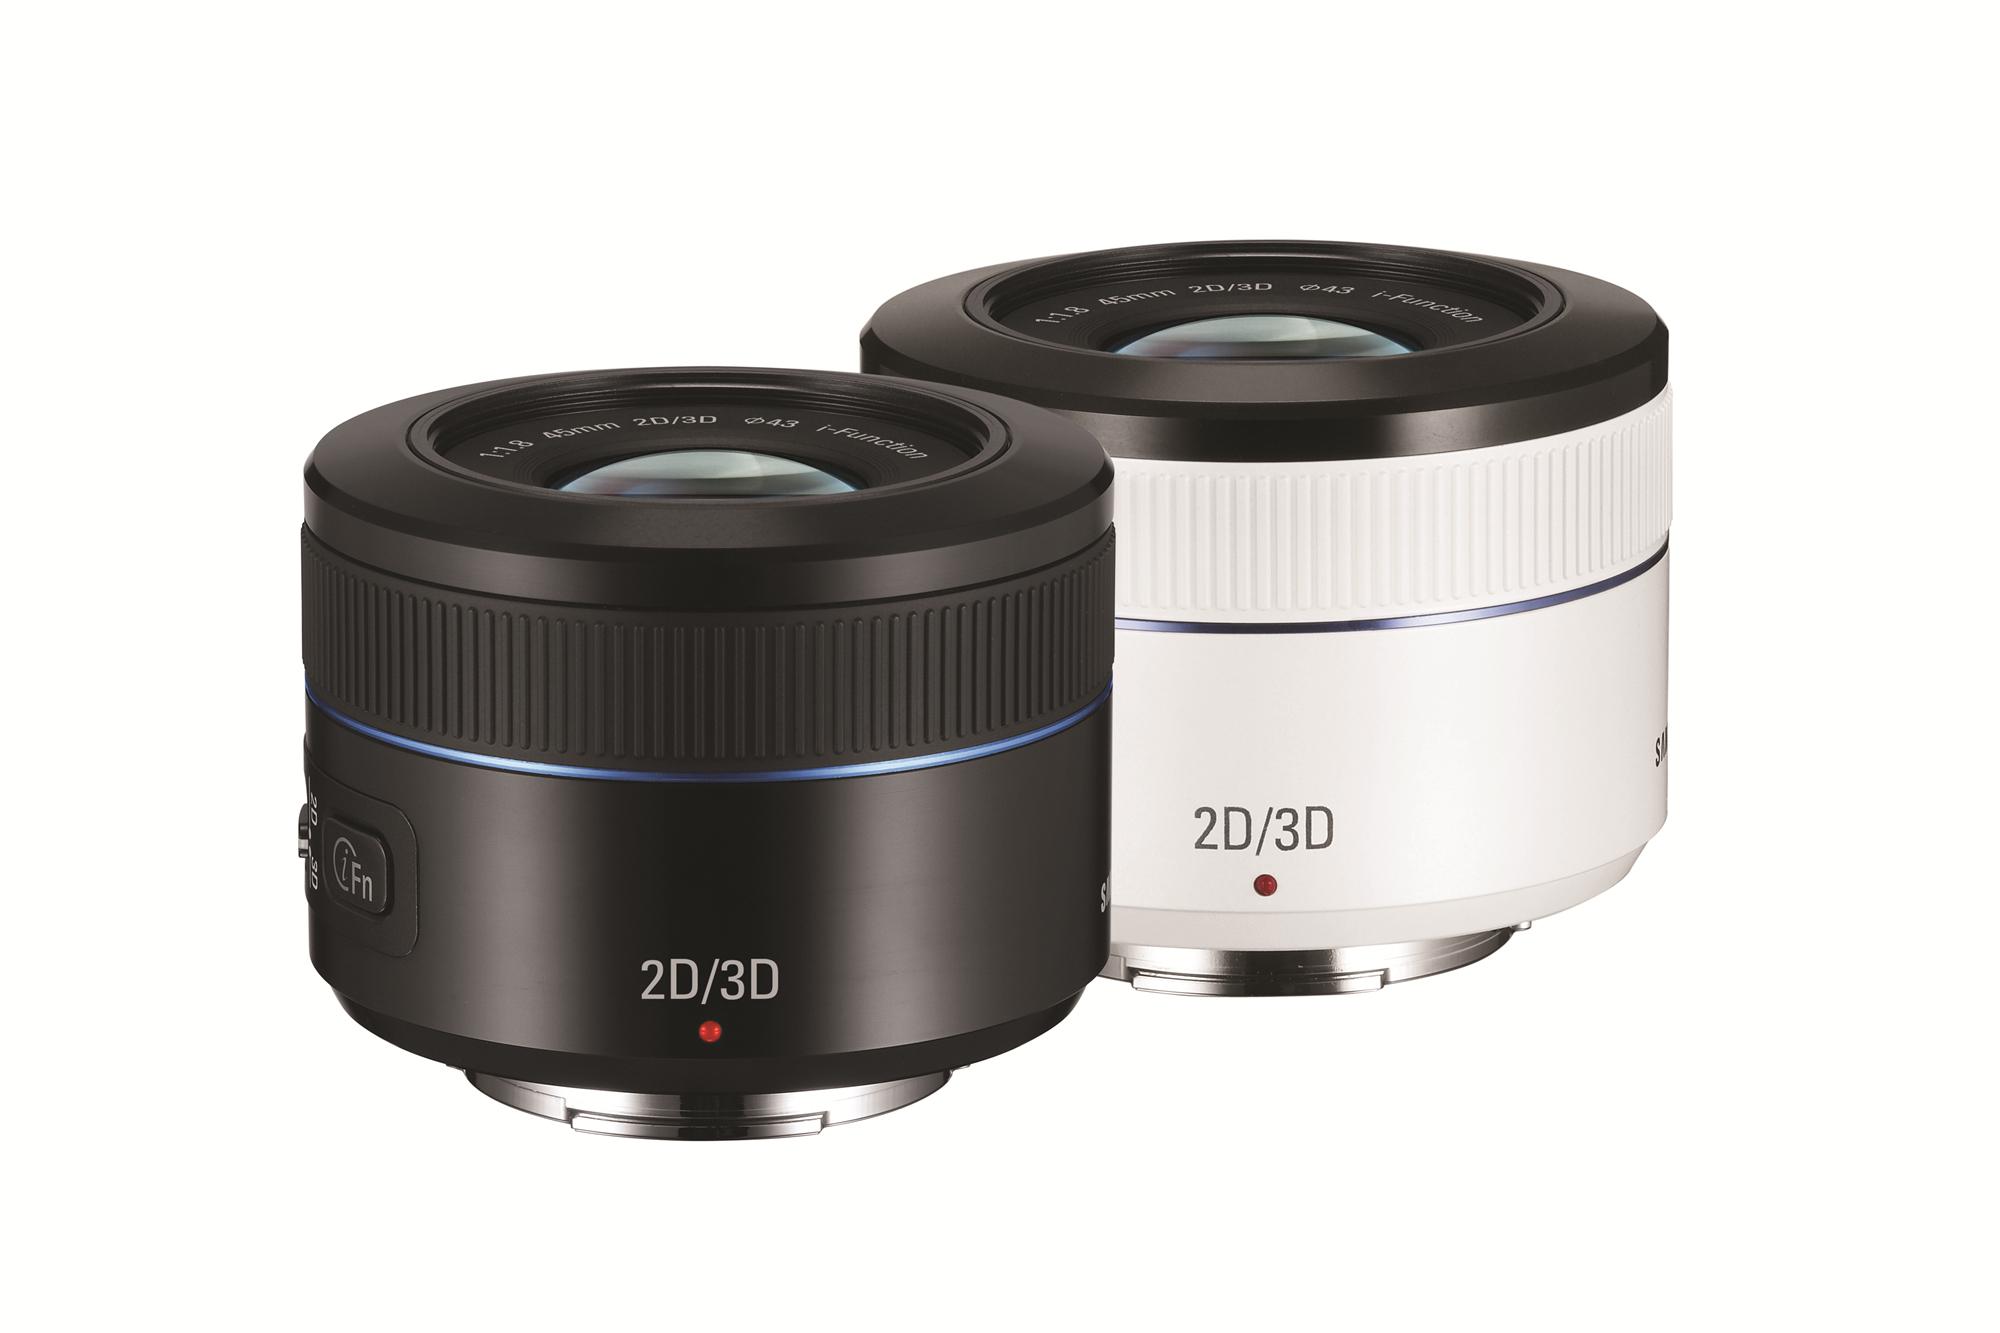 45mm f/1.8 (2D/3D)렌즈